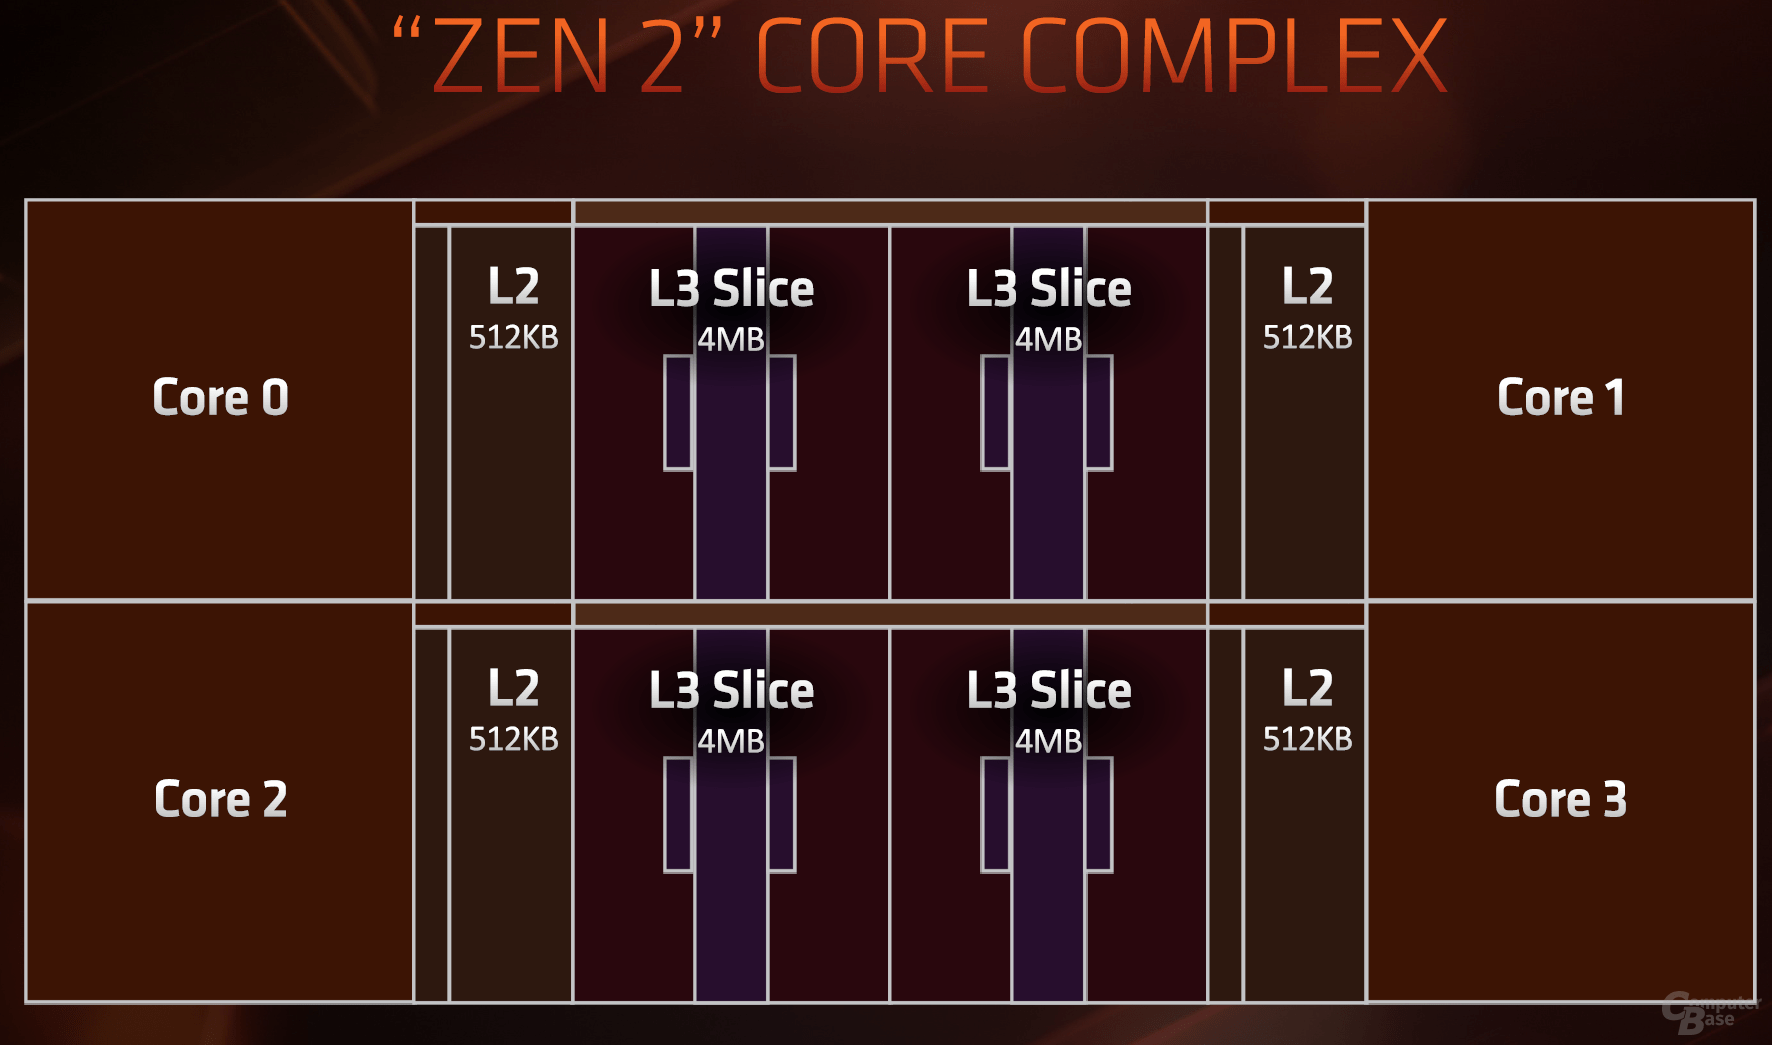 Zen 2 CCX